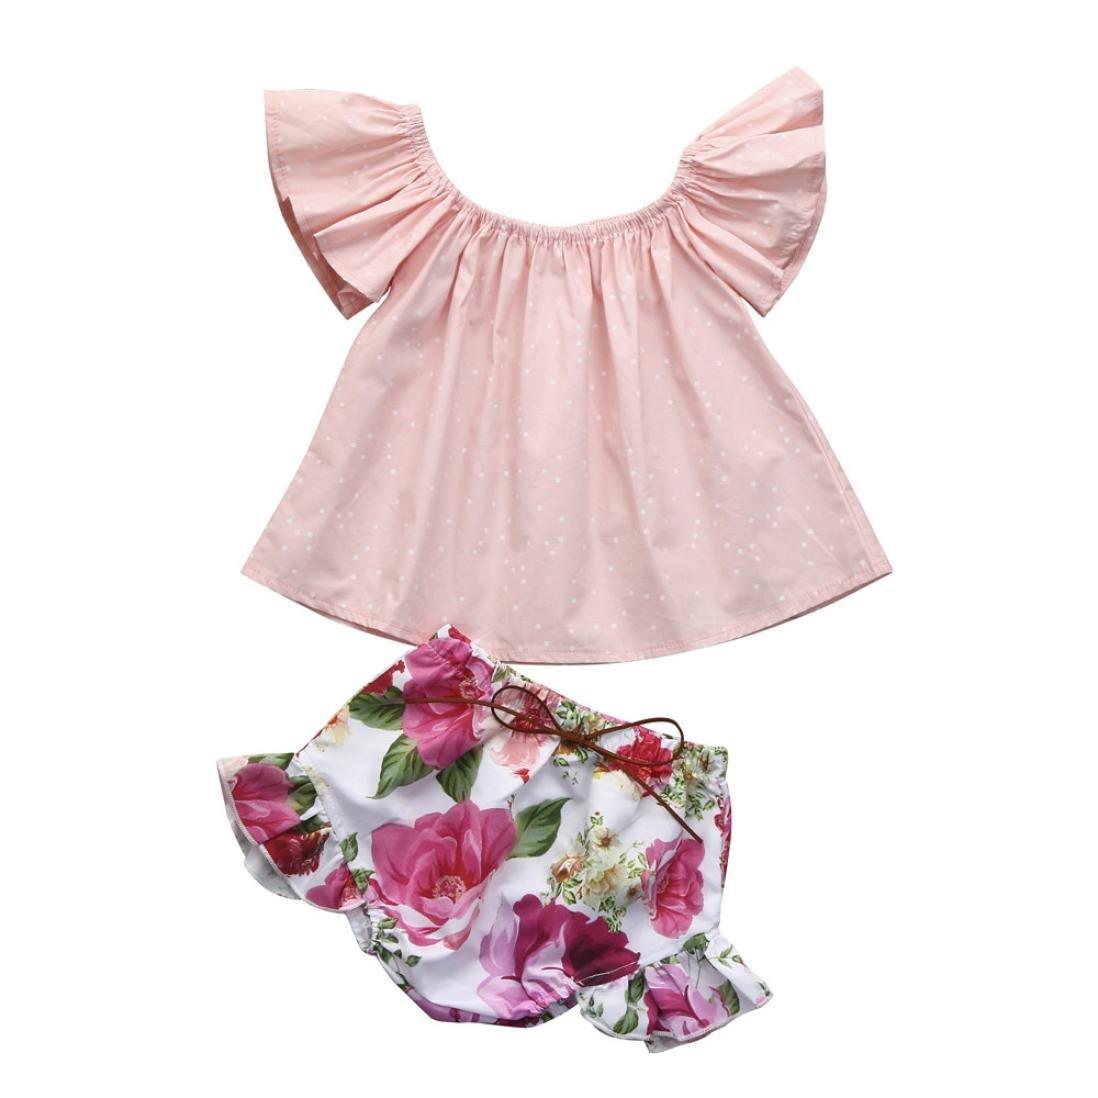 Conjuntos de ropa, Dragon868 2018 bebé niñas pequeñas llamarada floral shirts + shorts 2pcs/set